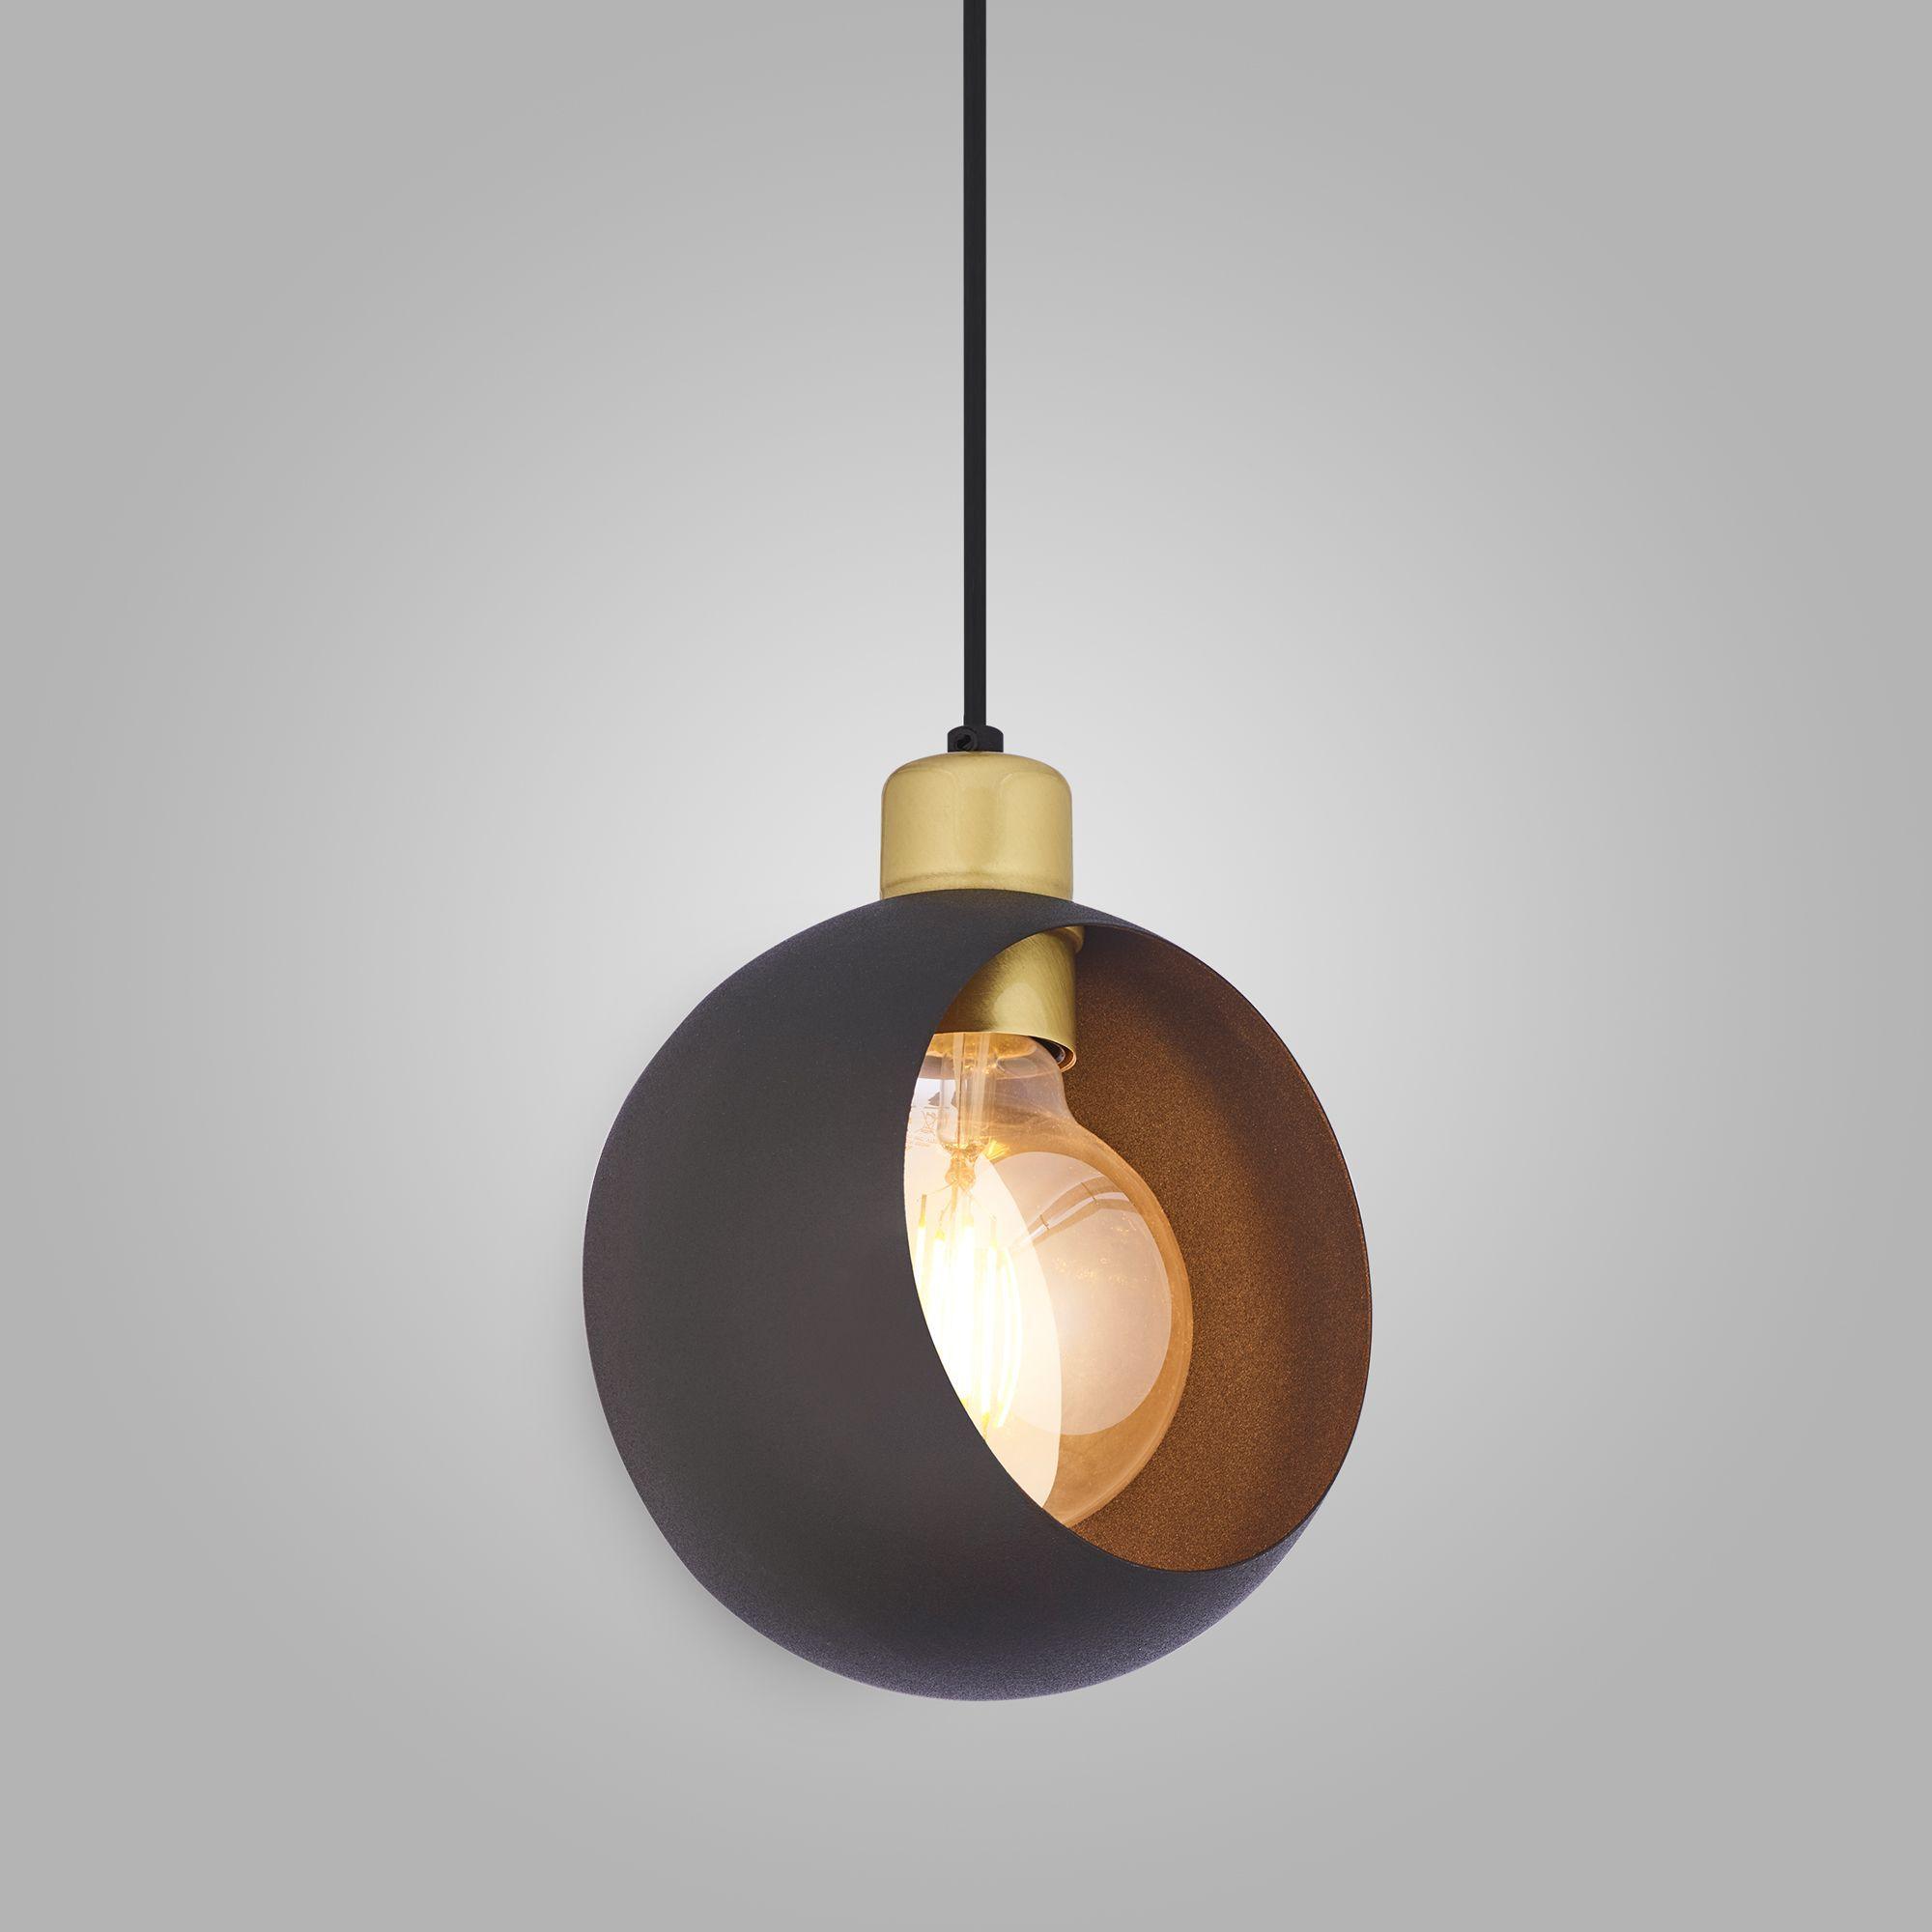 Подвесной светильник 2602 Cyklop